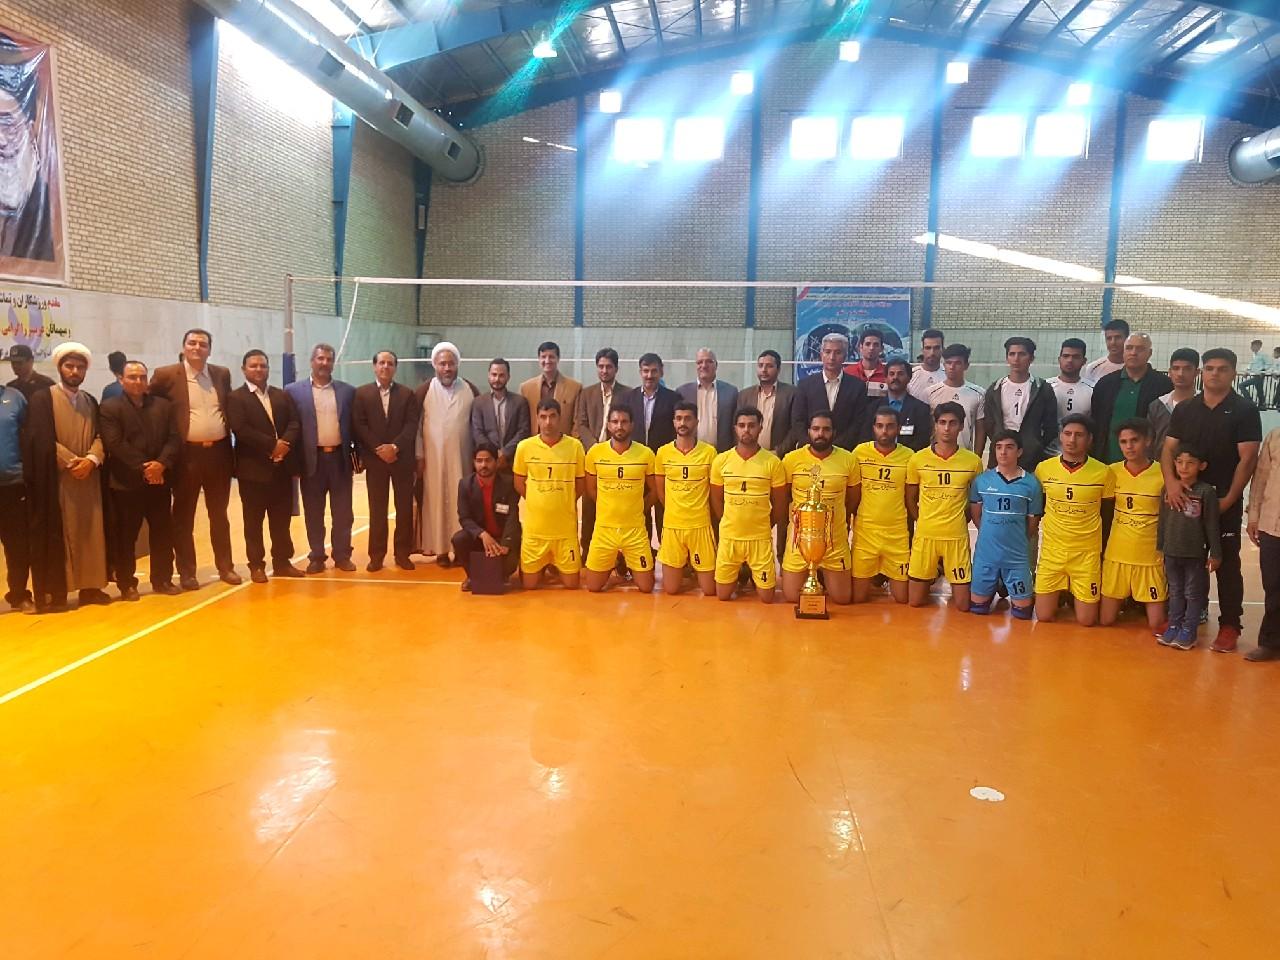 زیرکوه،قهرمان اولین دوره مسابقات والیبال مرزداران شرق کشور